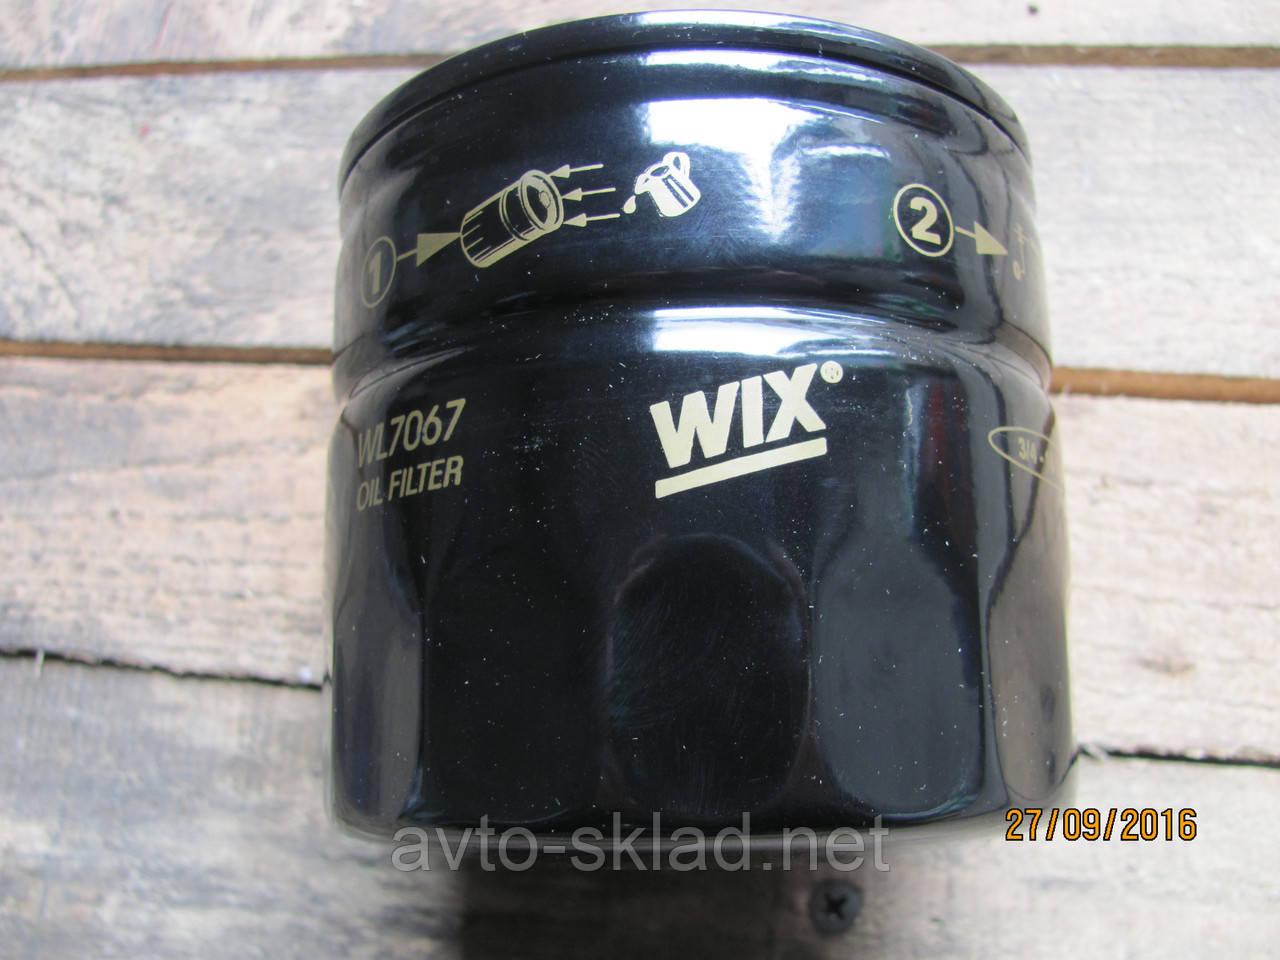 Фильтр масляный ВАЗ WIX